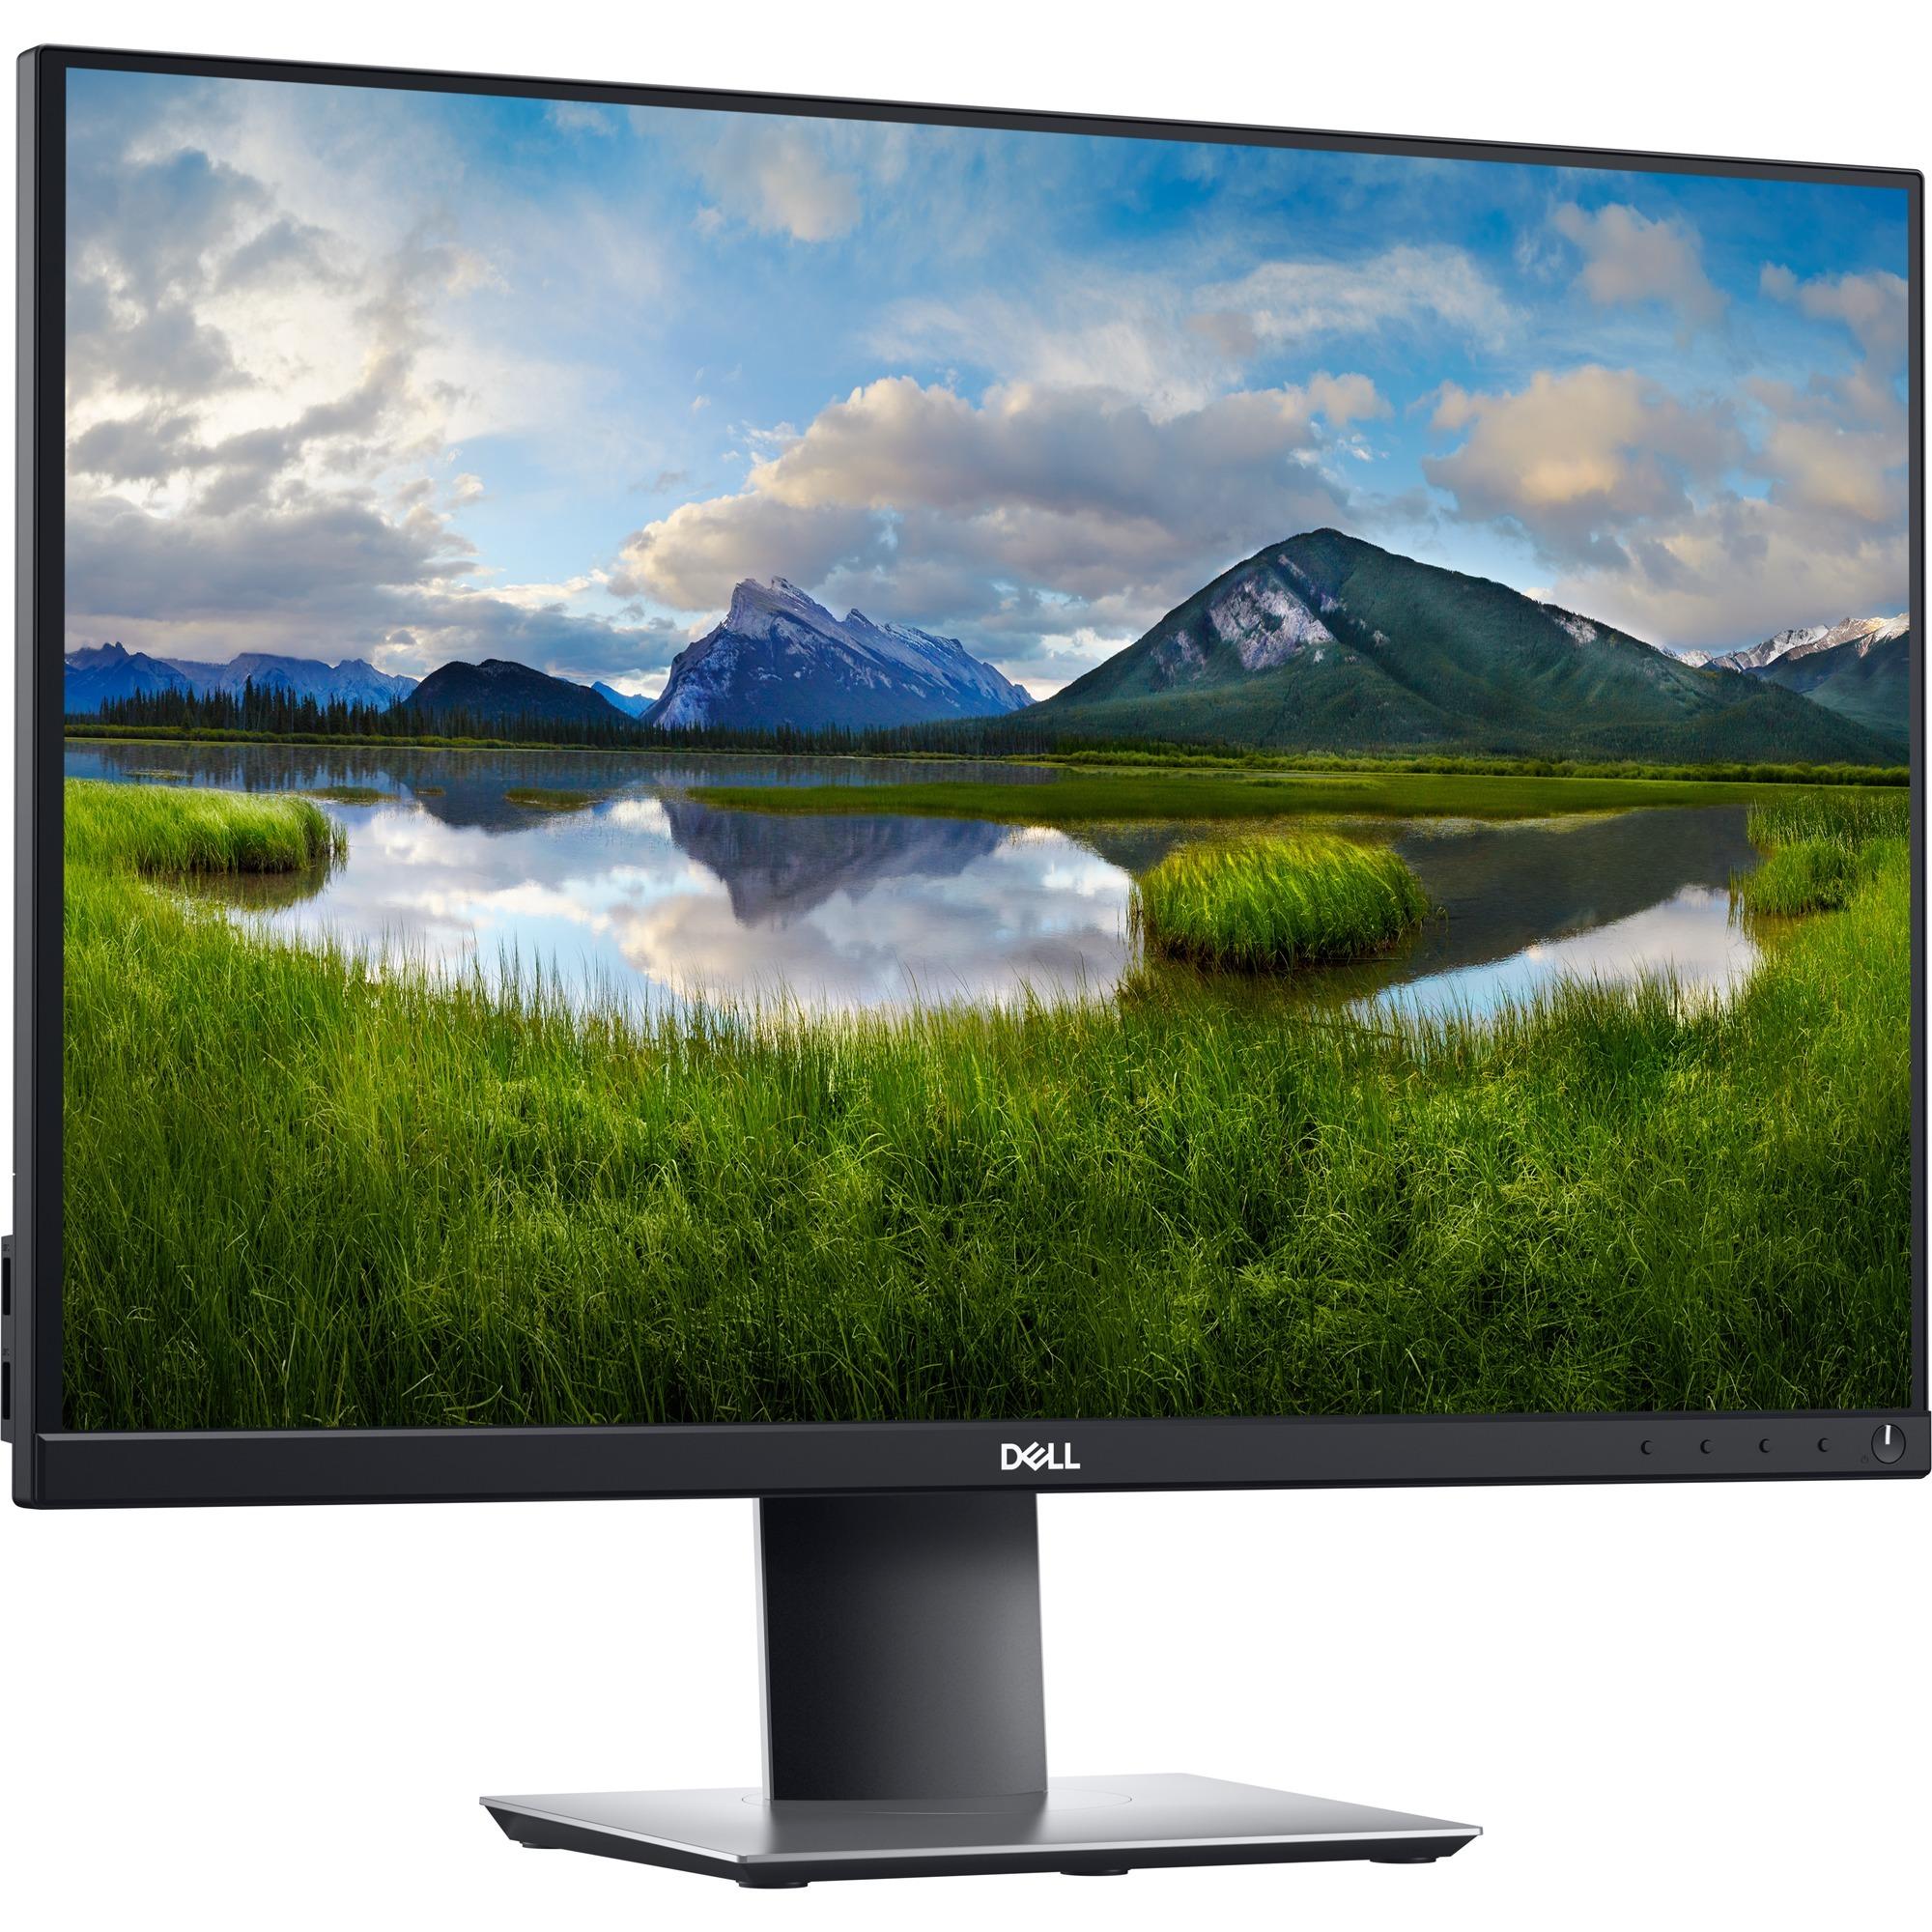 """Dell P2421 24"""" WUXGA WLED LCD Monitor - 16:10_subImage_1"""